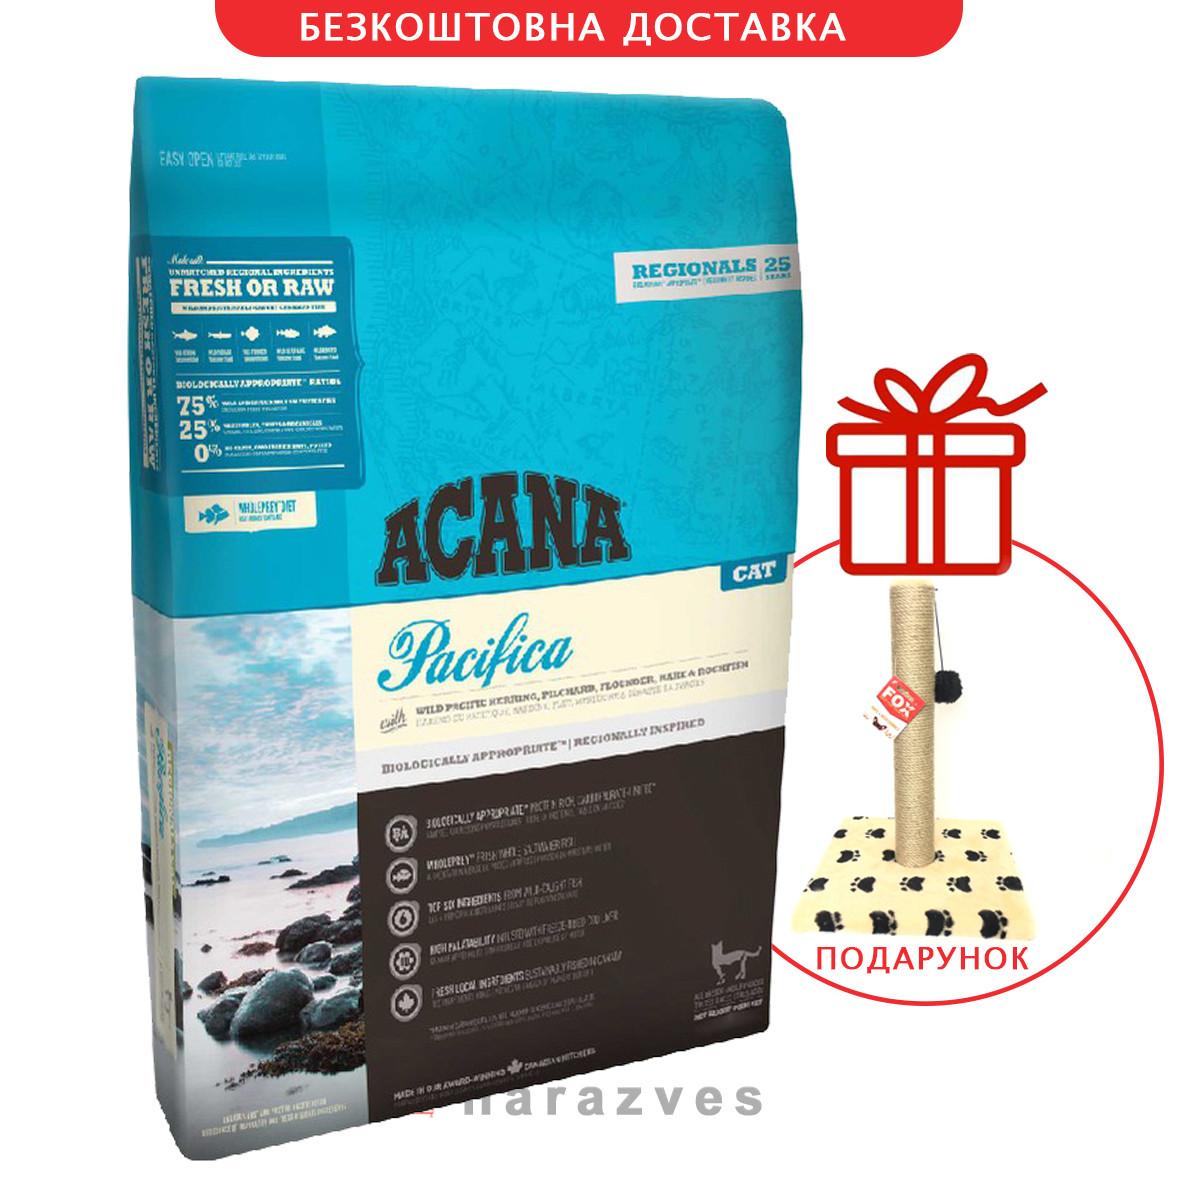 Сухой корм Acana Pacifica Cat 5,4кг + Когтеточка в подарок